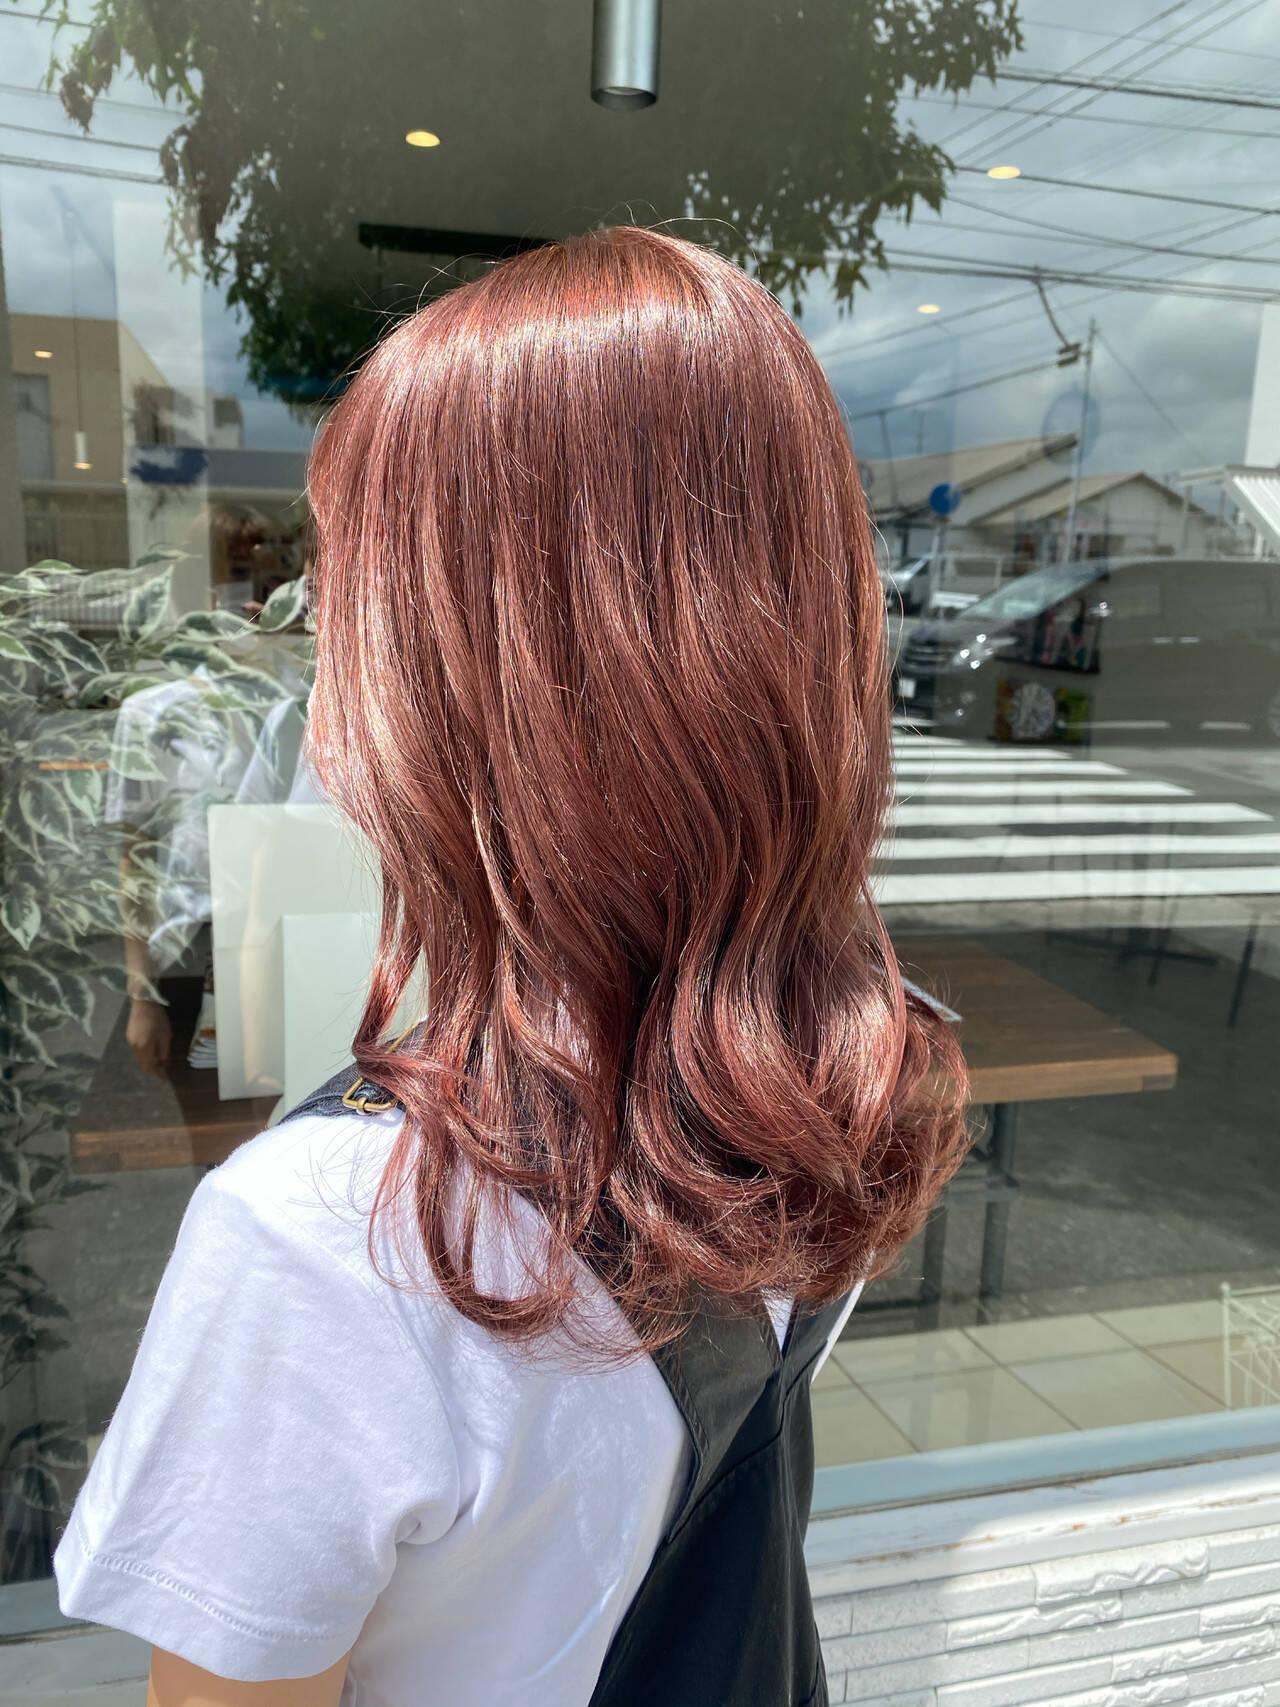 ナチュラル可愛い ピンクベージュ セミロング ナチュラルヘアスタイルや髪型の写真・画像